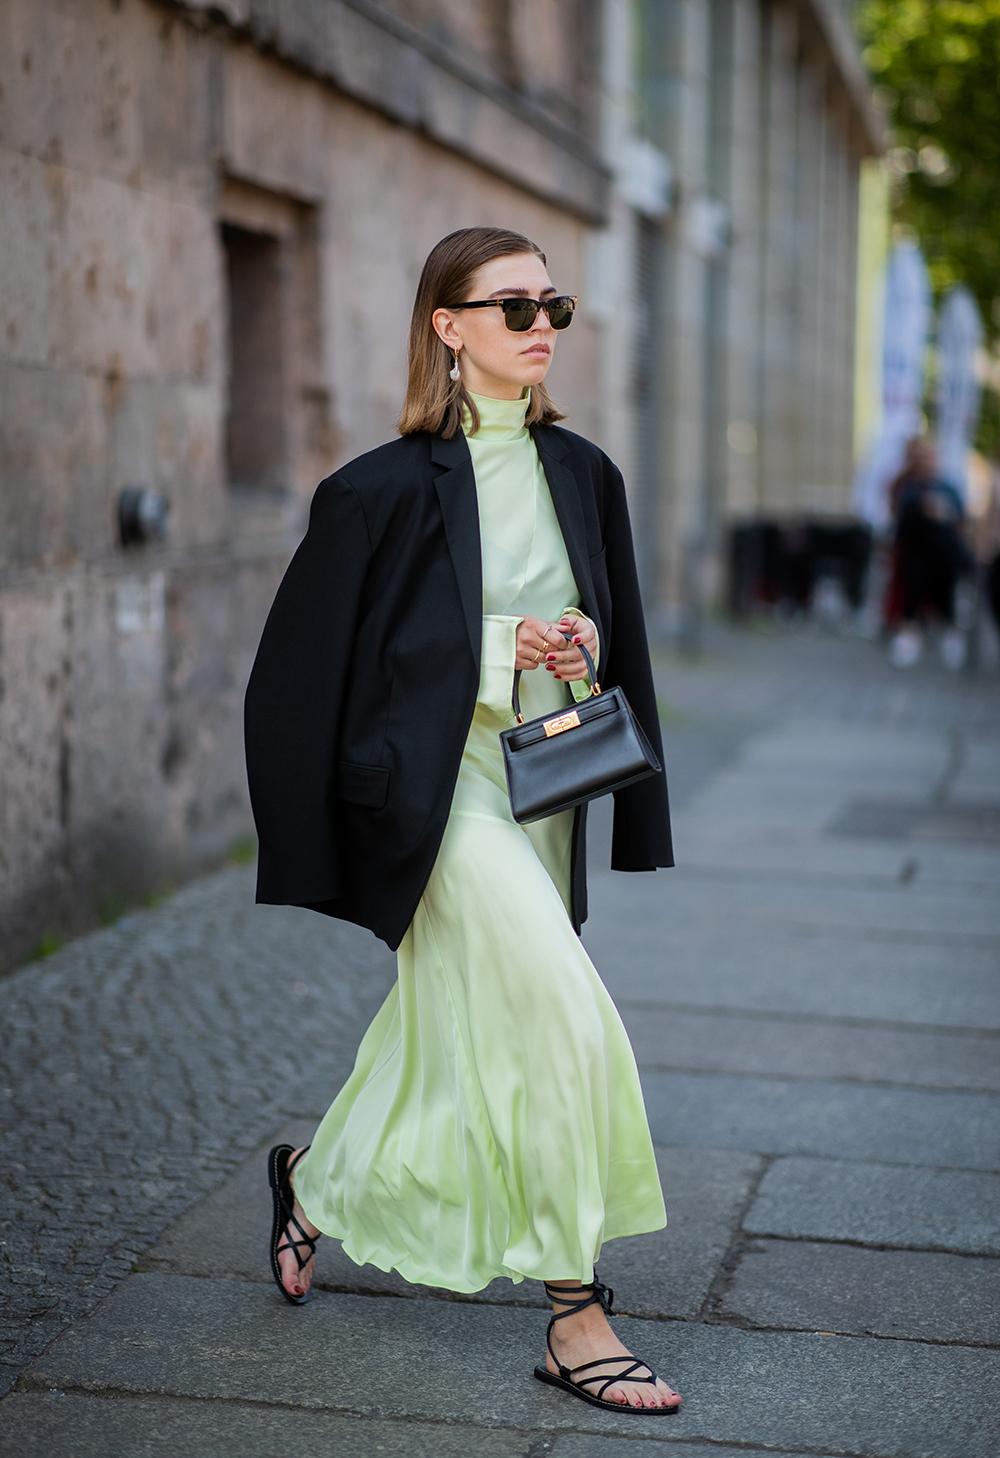 歩くたびに揺れる軽やかさとレモンイエローのカラーリングが相まってイノセントな印象。ビッグサイズのジャケットを合わせることで個性的な装いに。ブラックで統一した小物使いもモードさを引き出す。